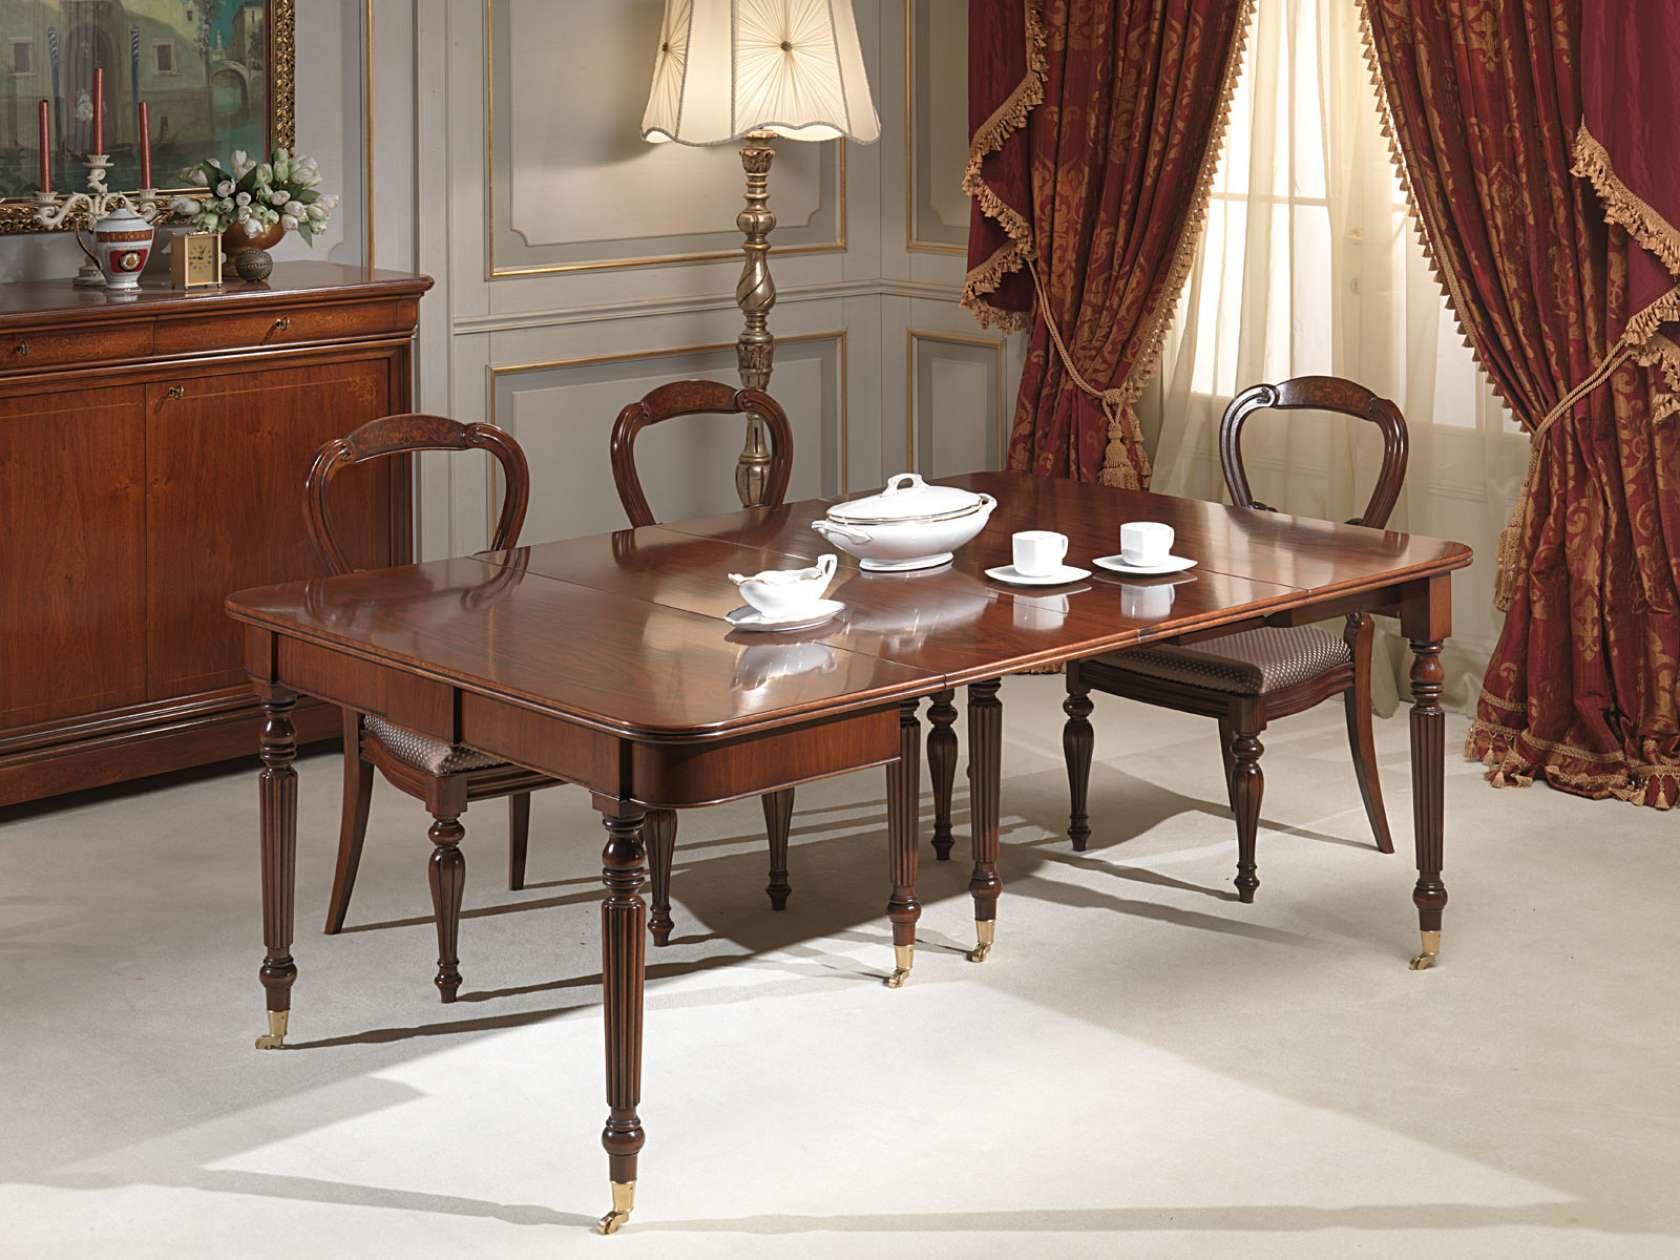 Table console extensible vimercati classic furniture for Consolle classica allungabile